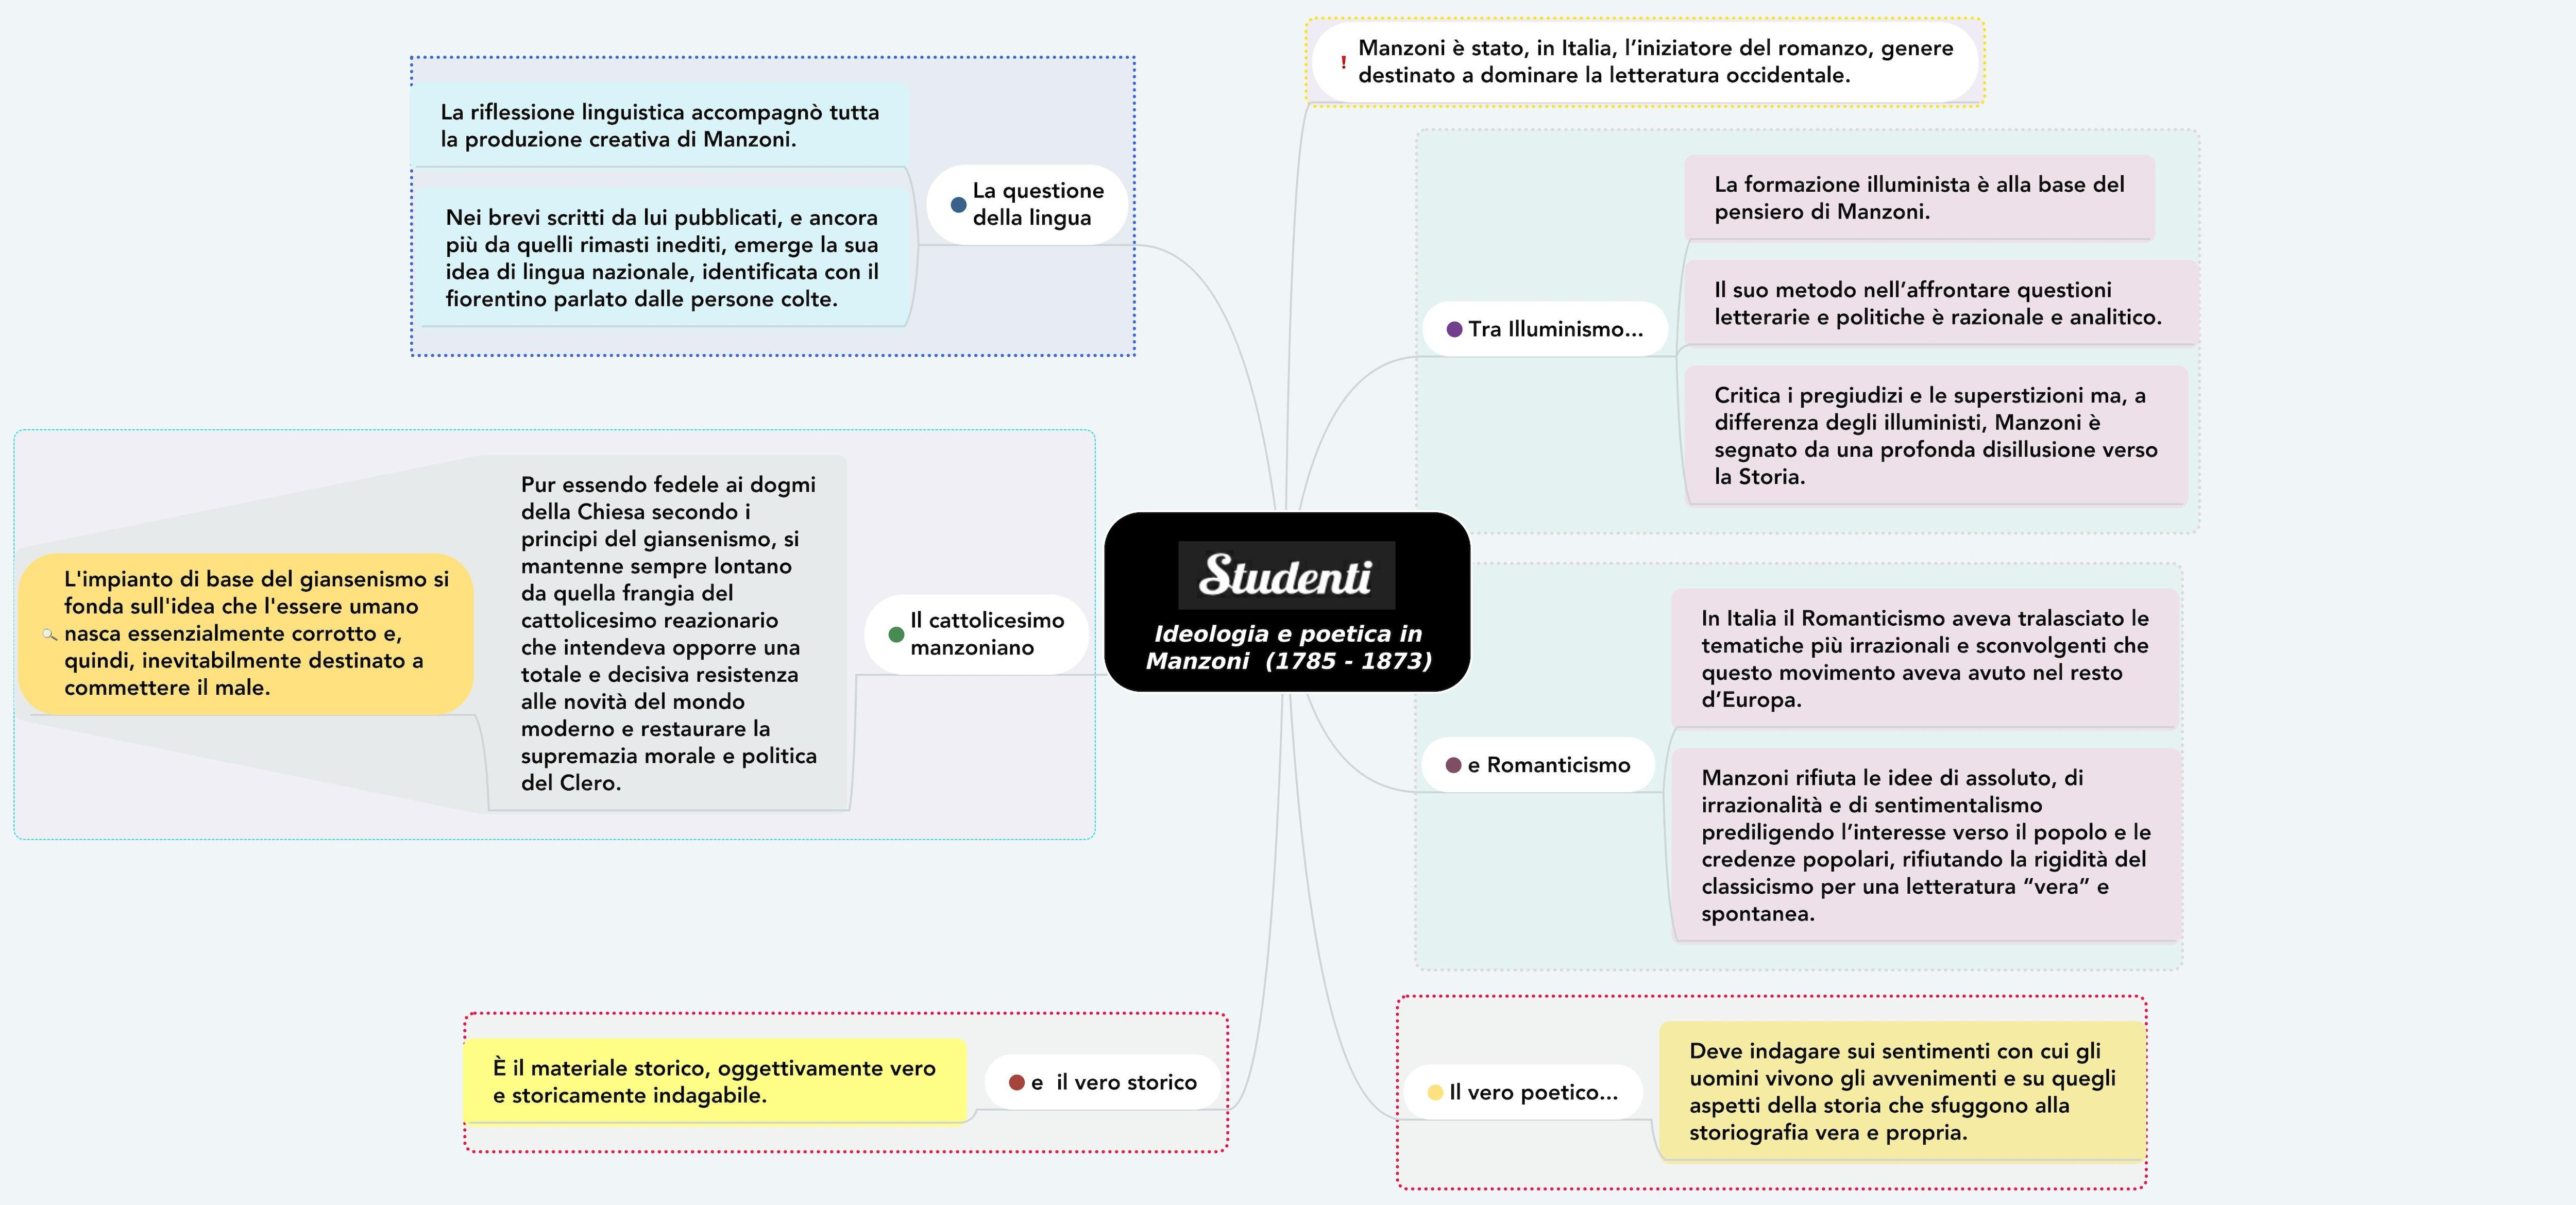 Mappa concettuale su ideologia e poetica in Manzoni